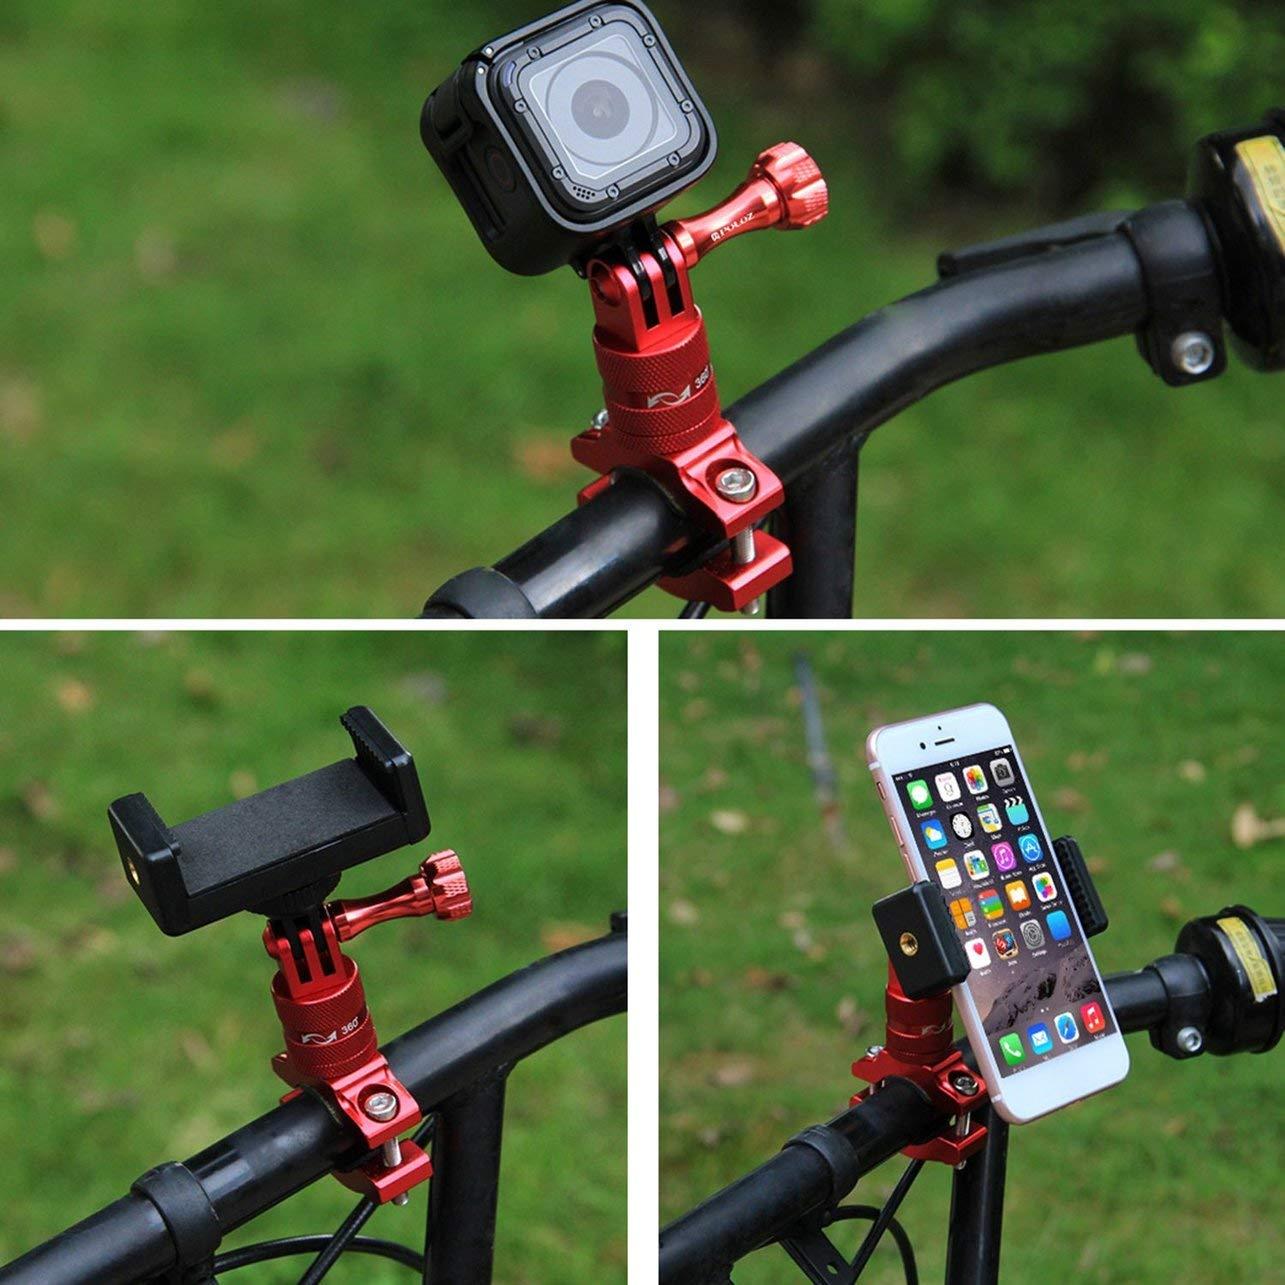 WOSOSYEYO PULUZ PU223R Soporte de Adaptador de Manillar de aleaci/ón de Aluminio para Bicicleta de rotaci/ón de 360 Grados con Tornillo para Accesorios de c/ámara Deportiva GoPro